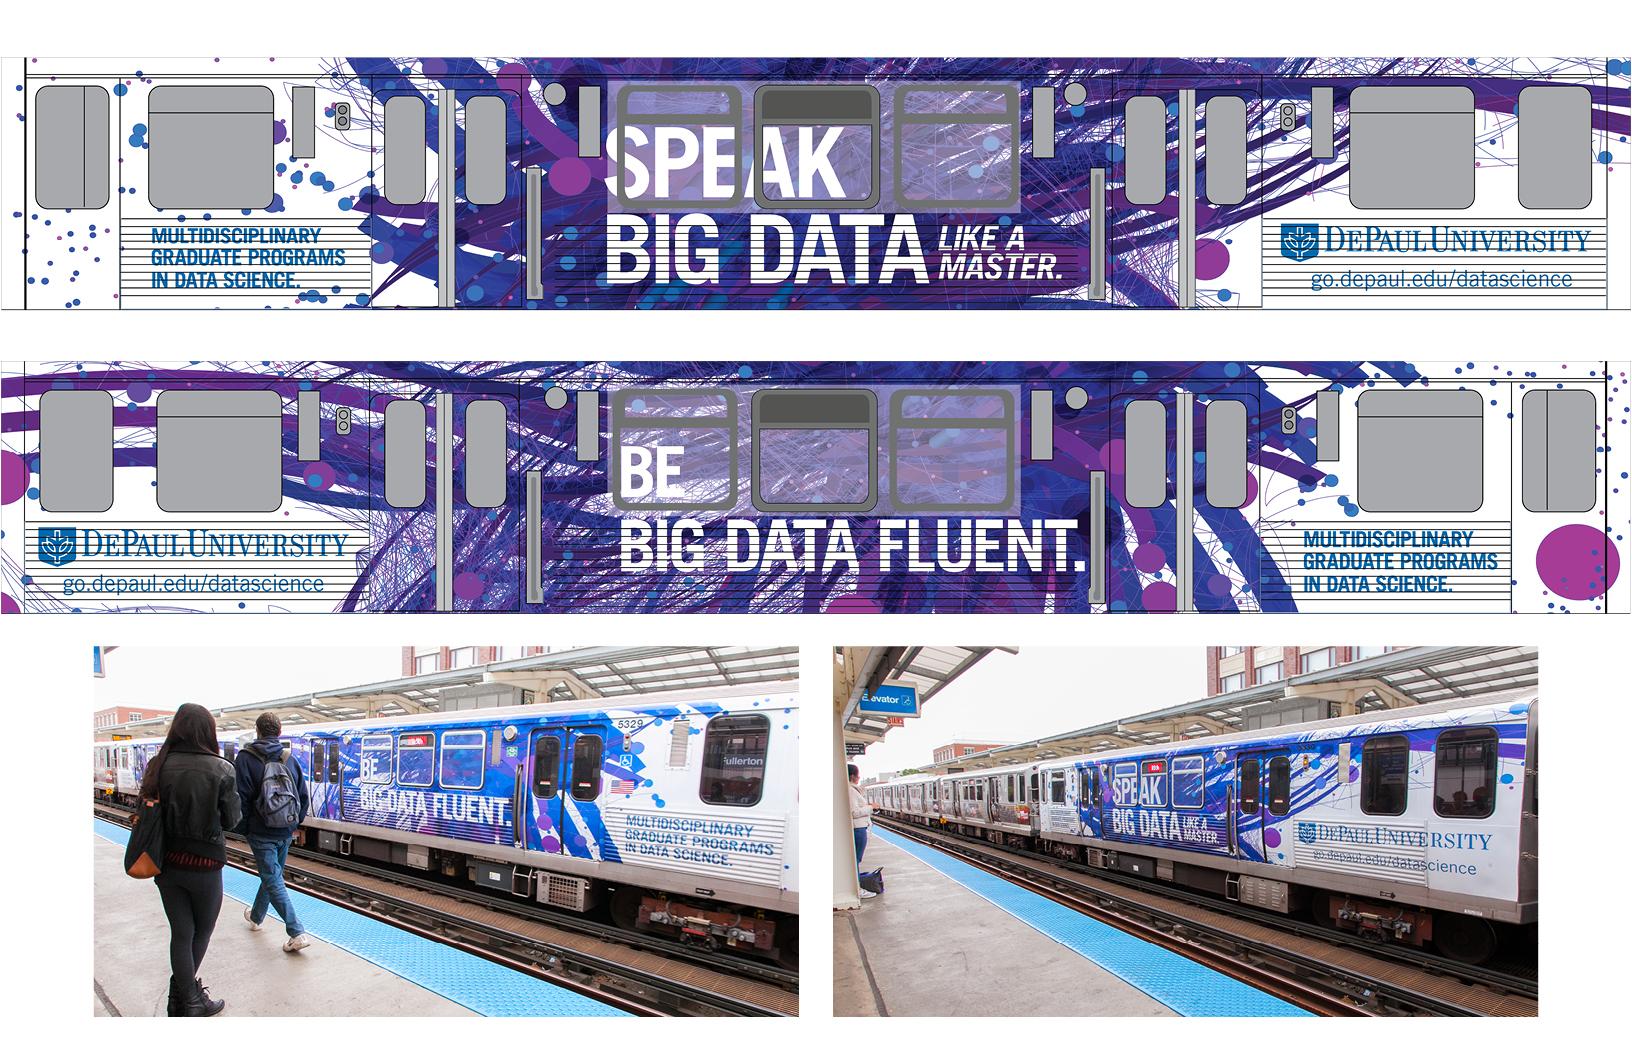 OOH - CTA Train Wrap